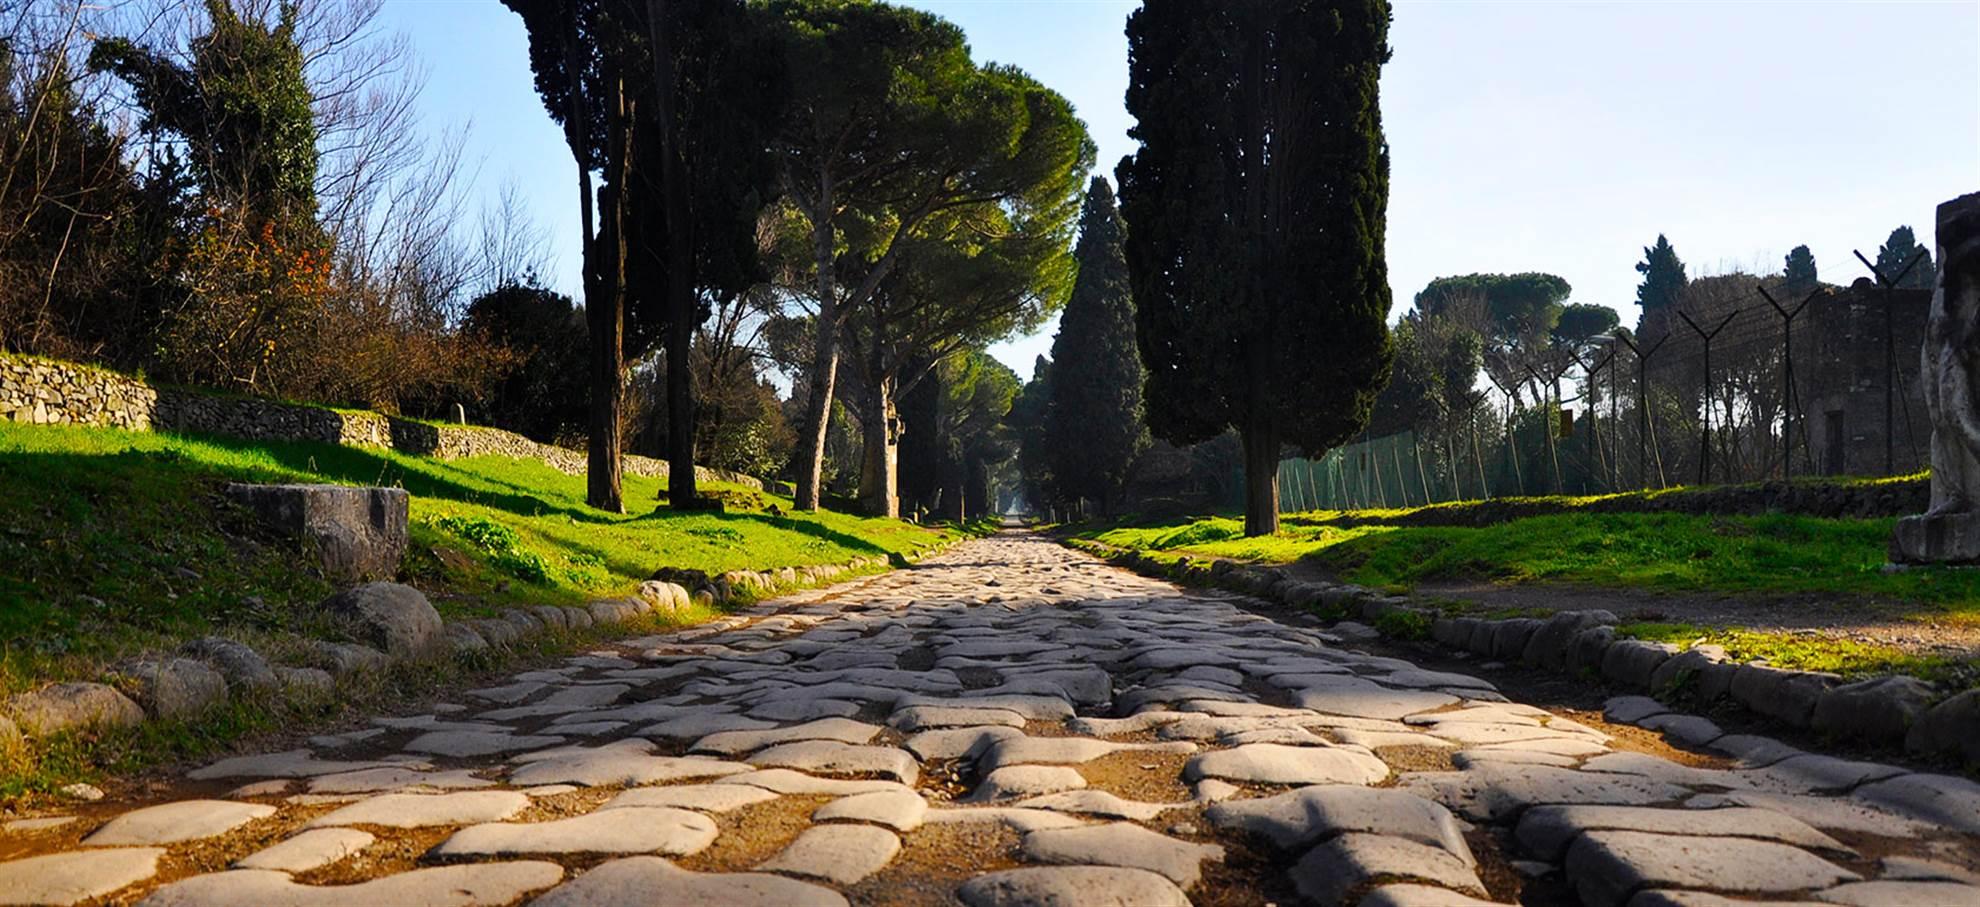 Via Appia Tour